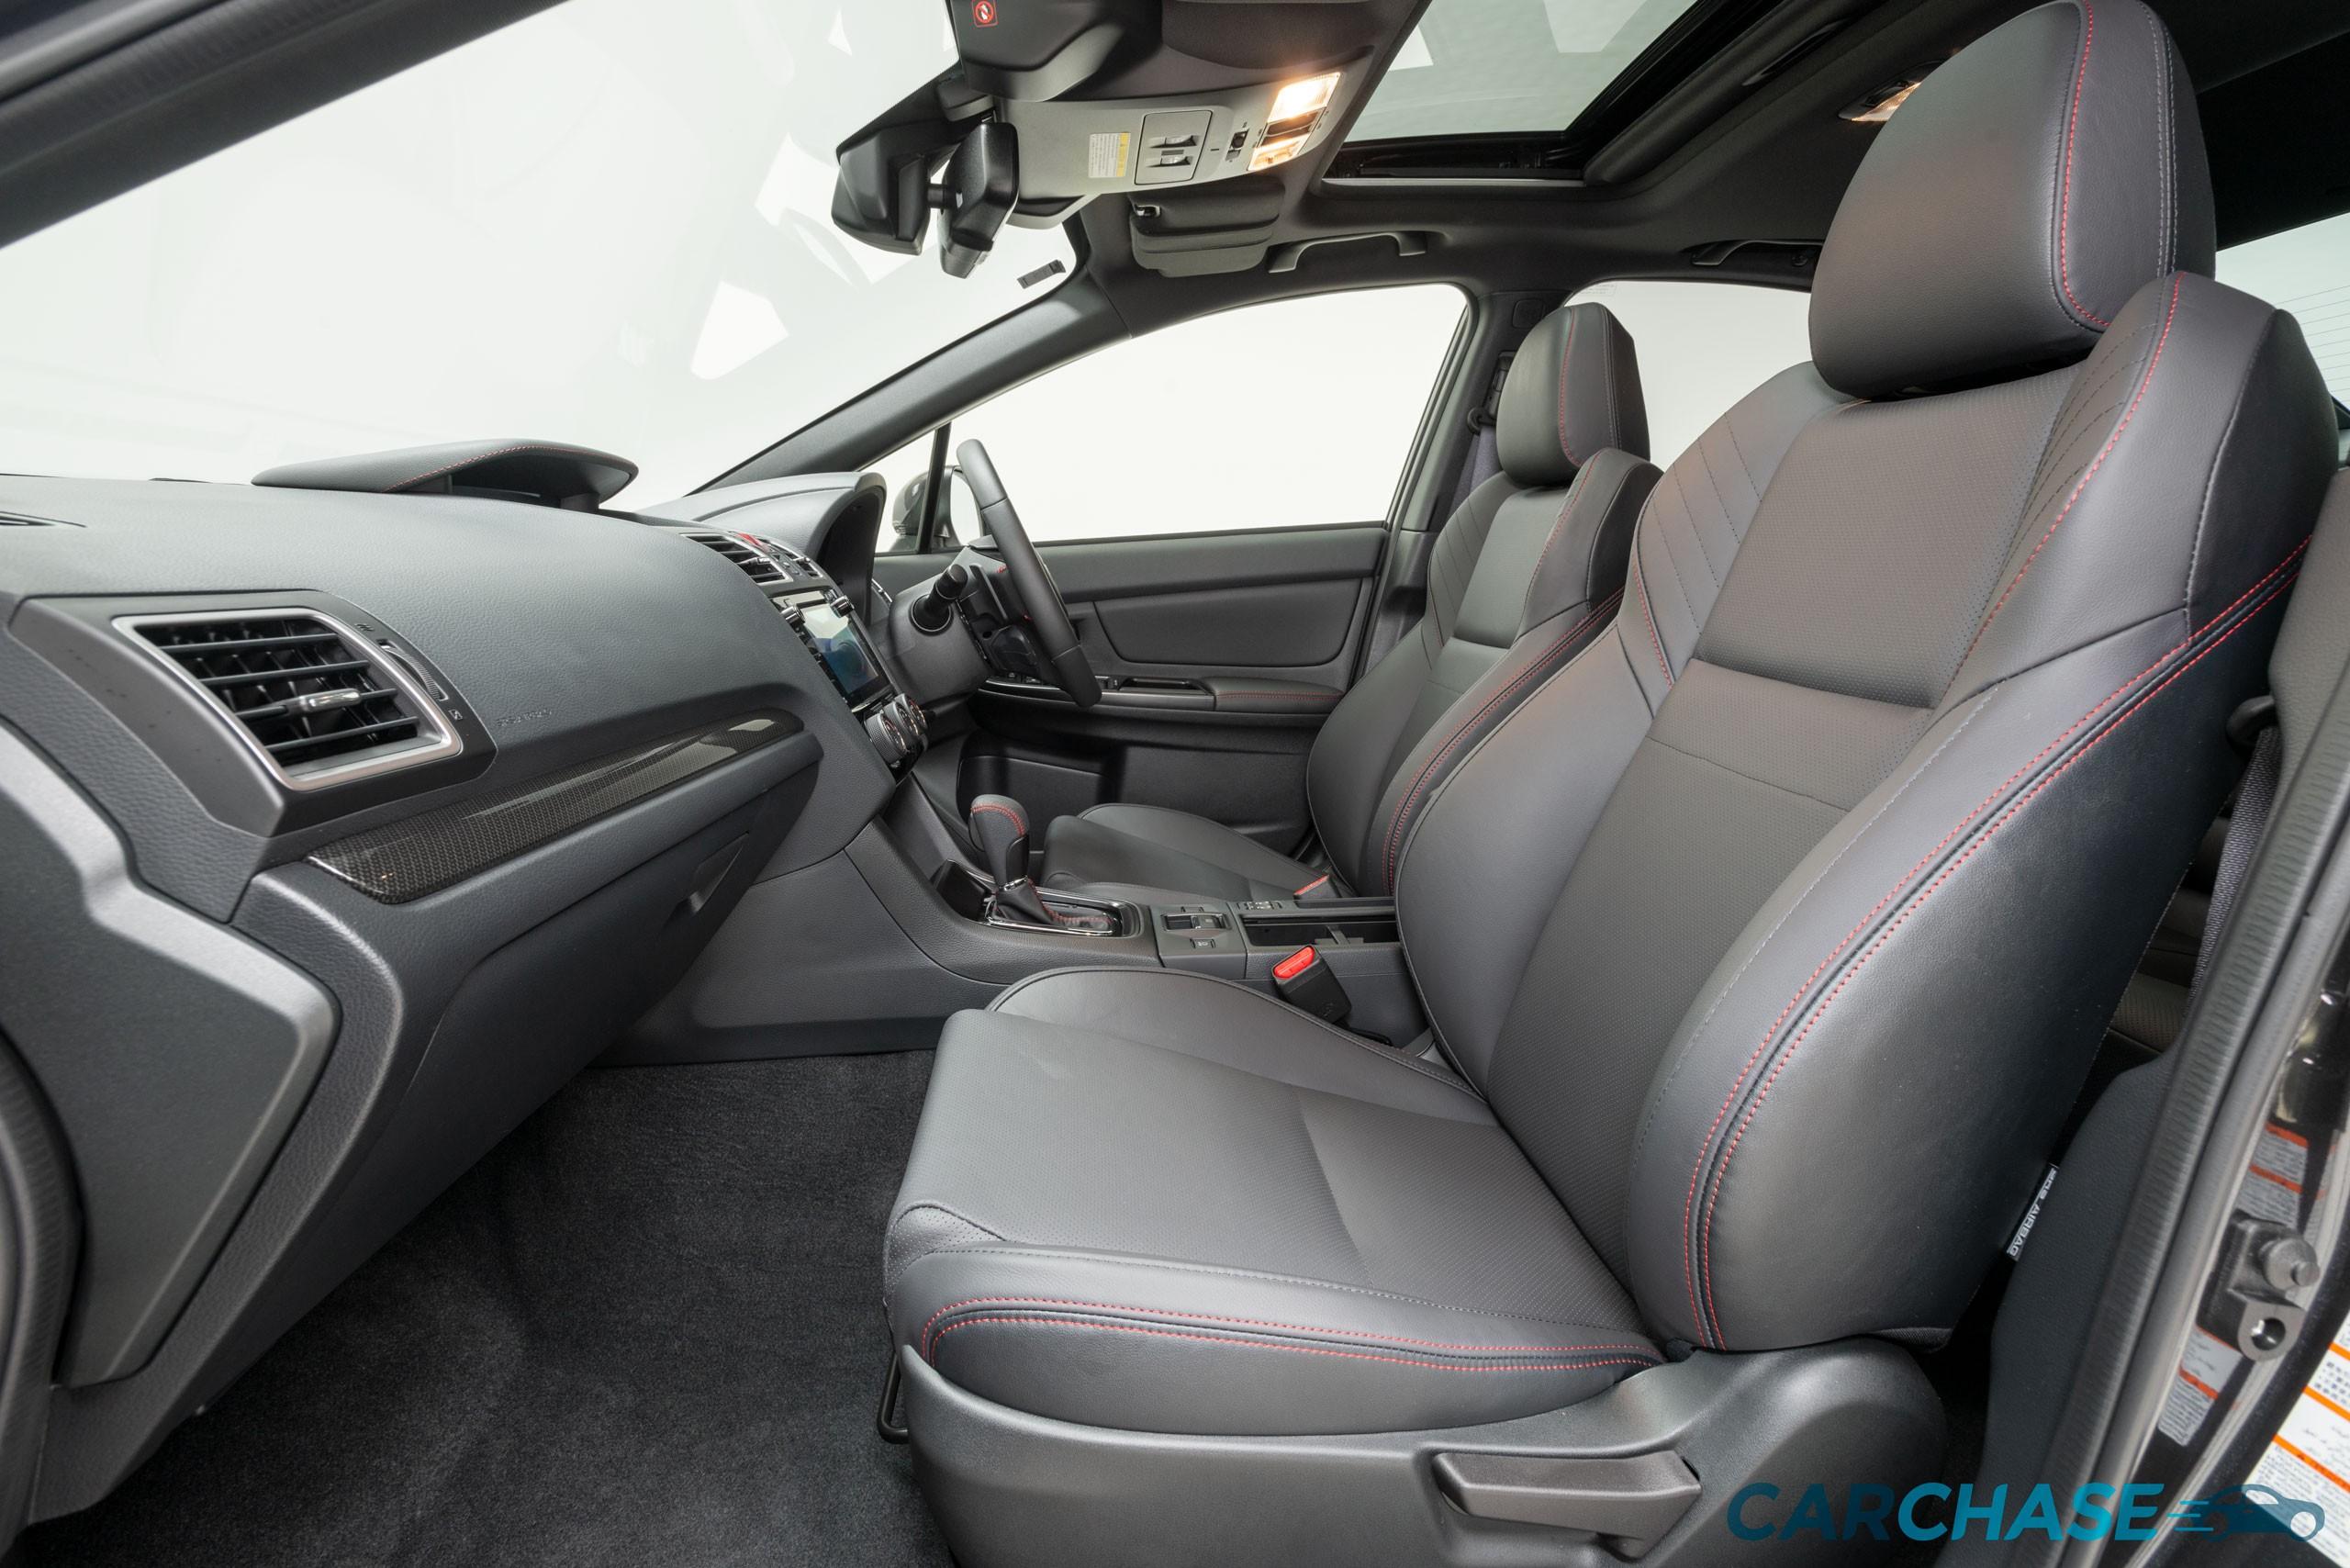 Image of passenger front profile of 2018 Subaru WRX Premium